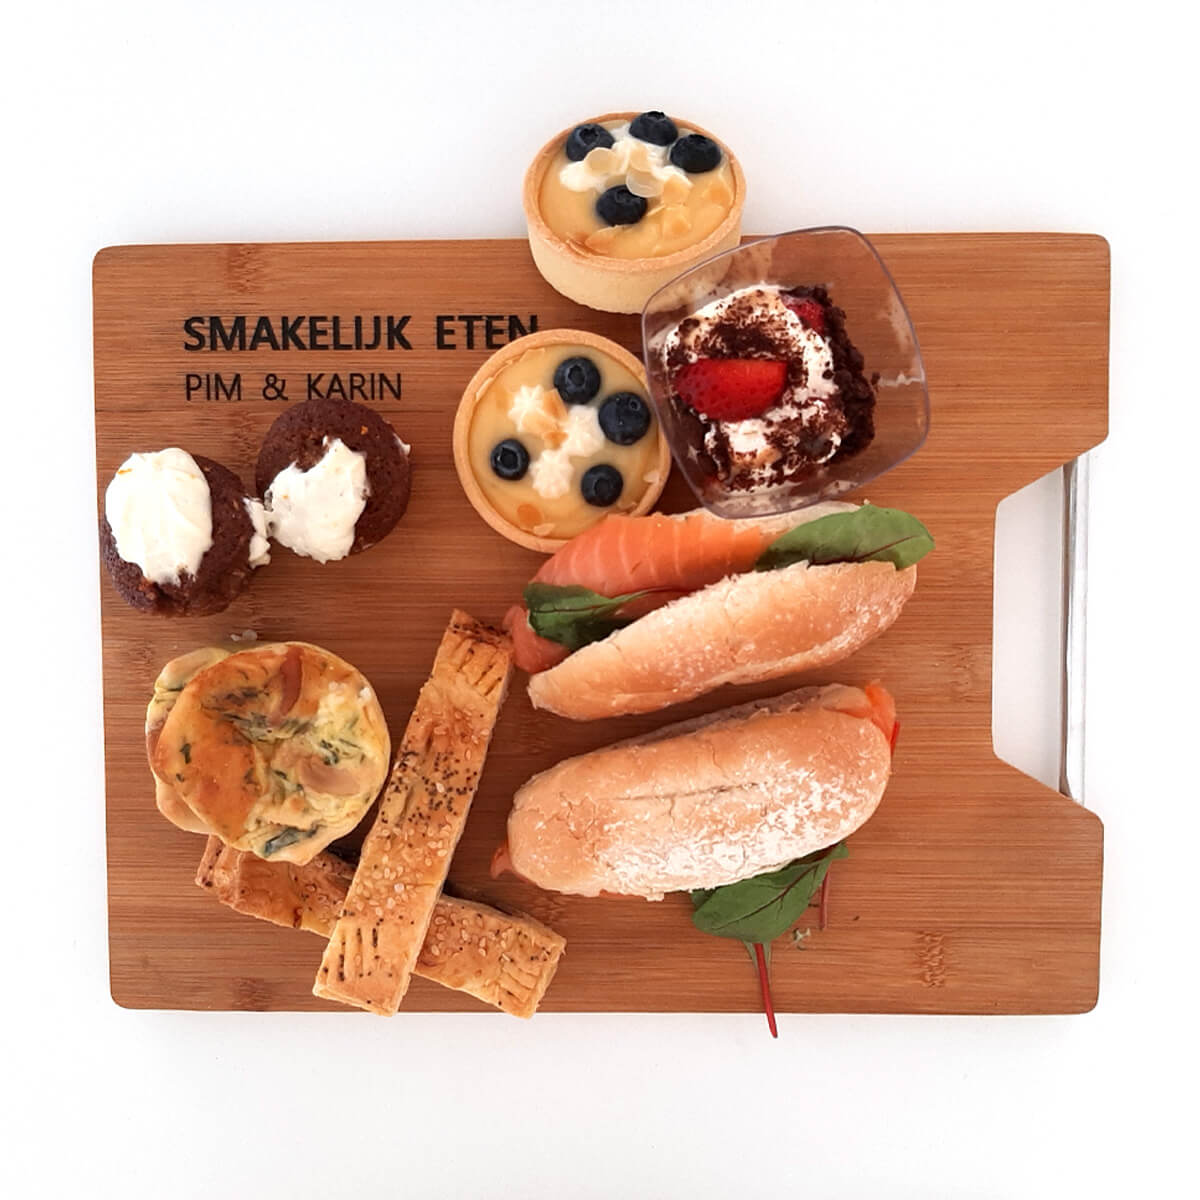 Luxe houten serveer en broodplank voorzien van een mooie gravering